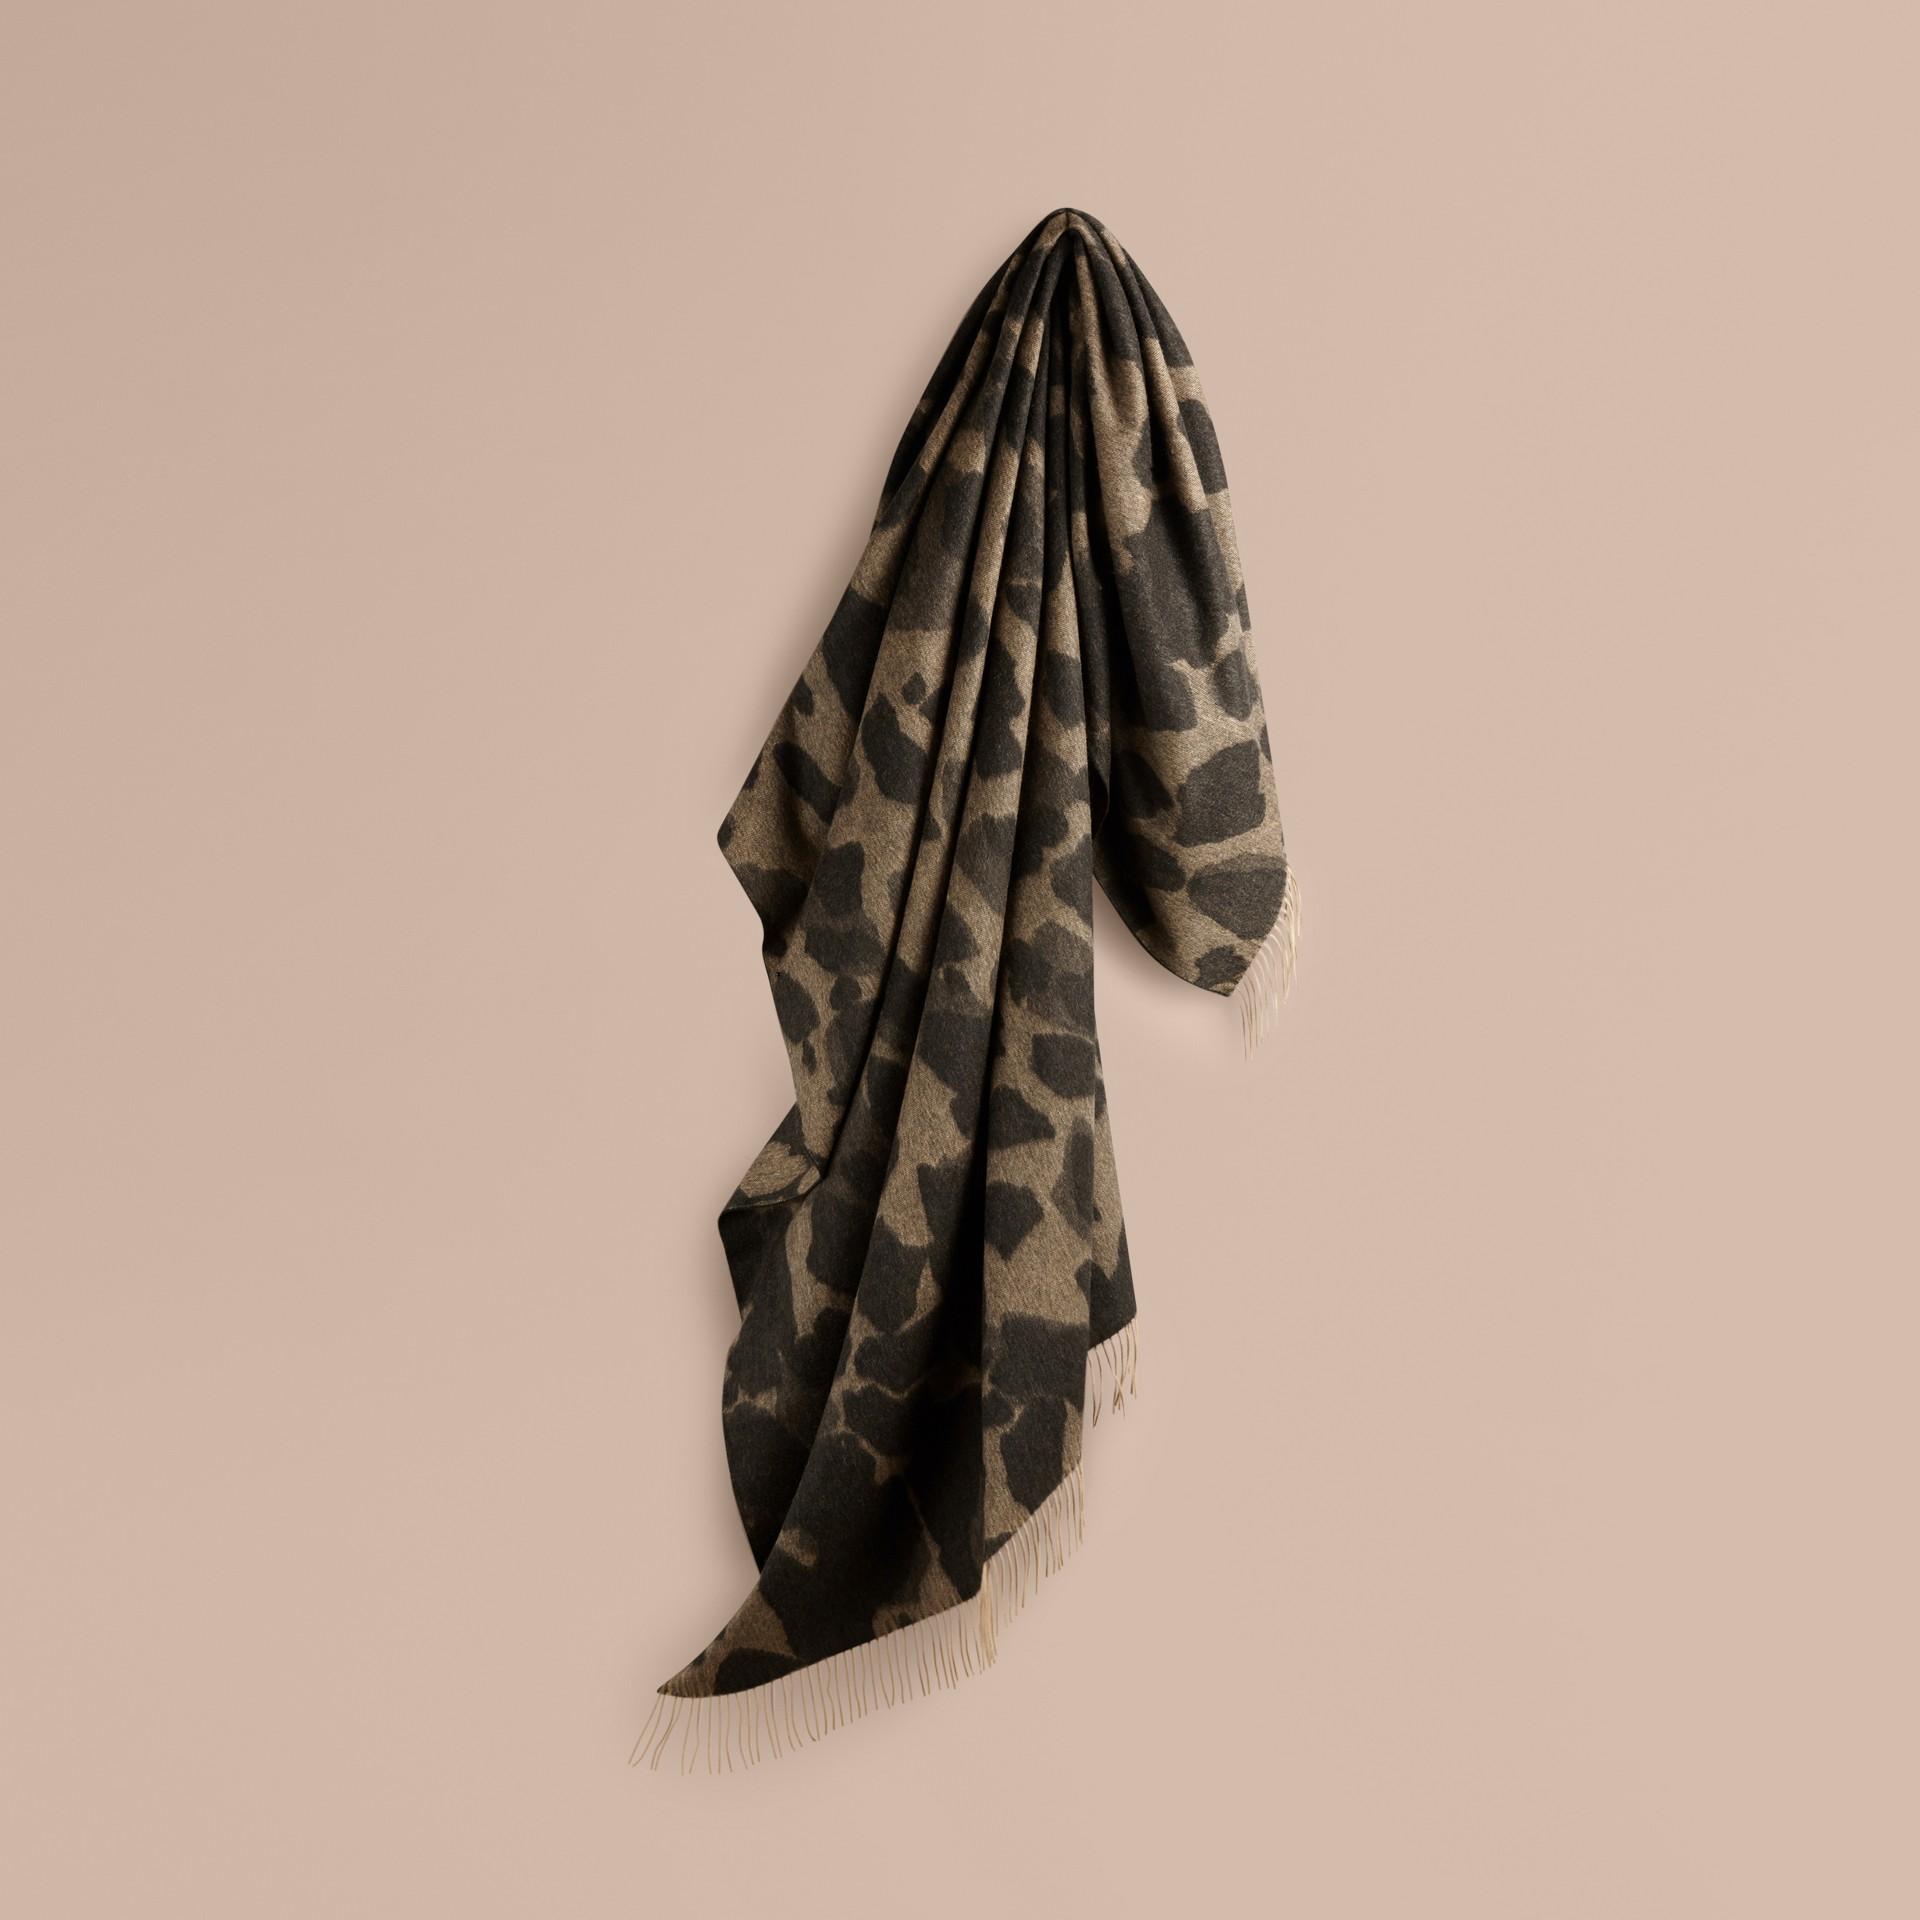 駝色印花 動物提花喀什米爾毛毯 駝色印花 - 圖庫照片 1